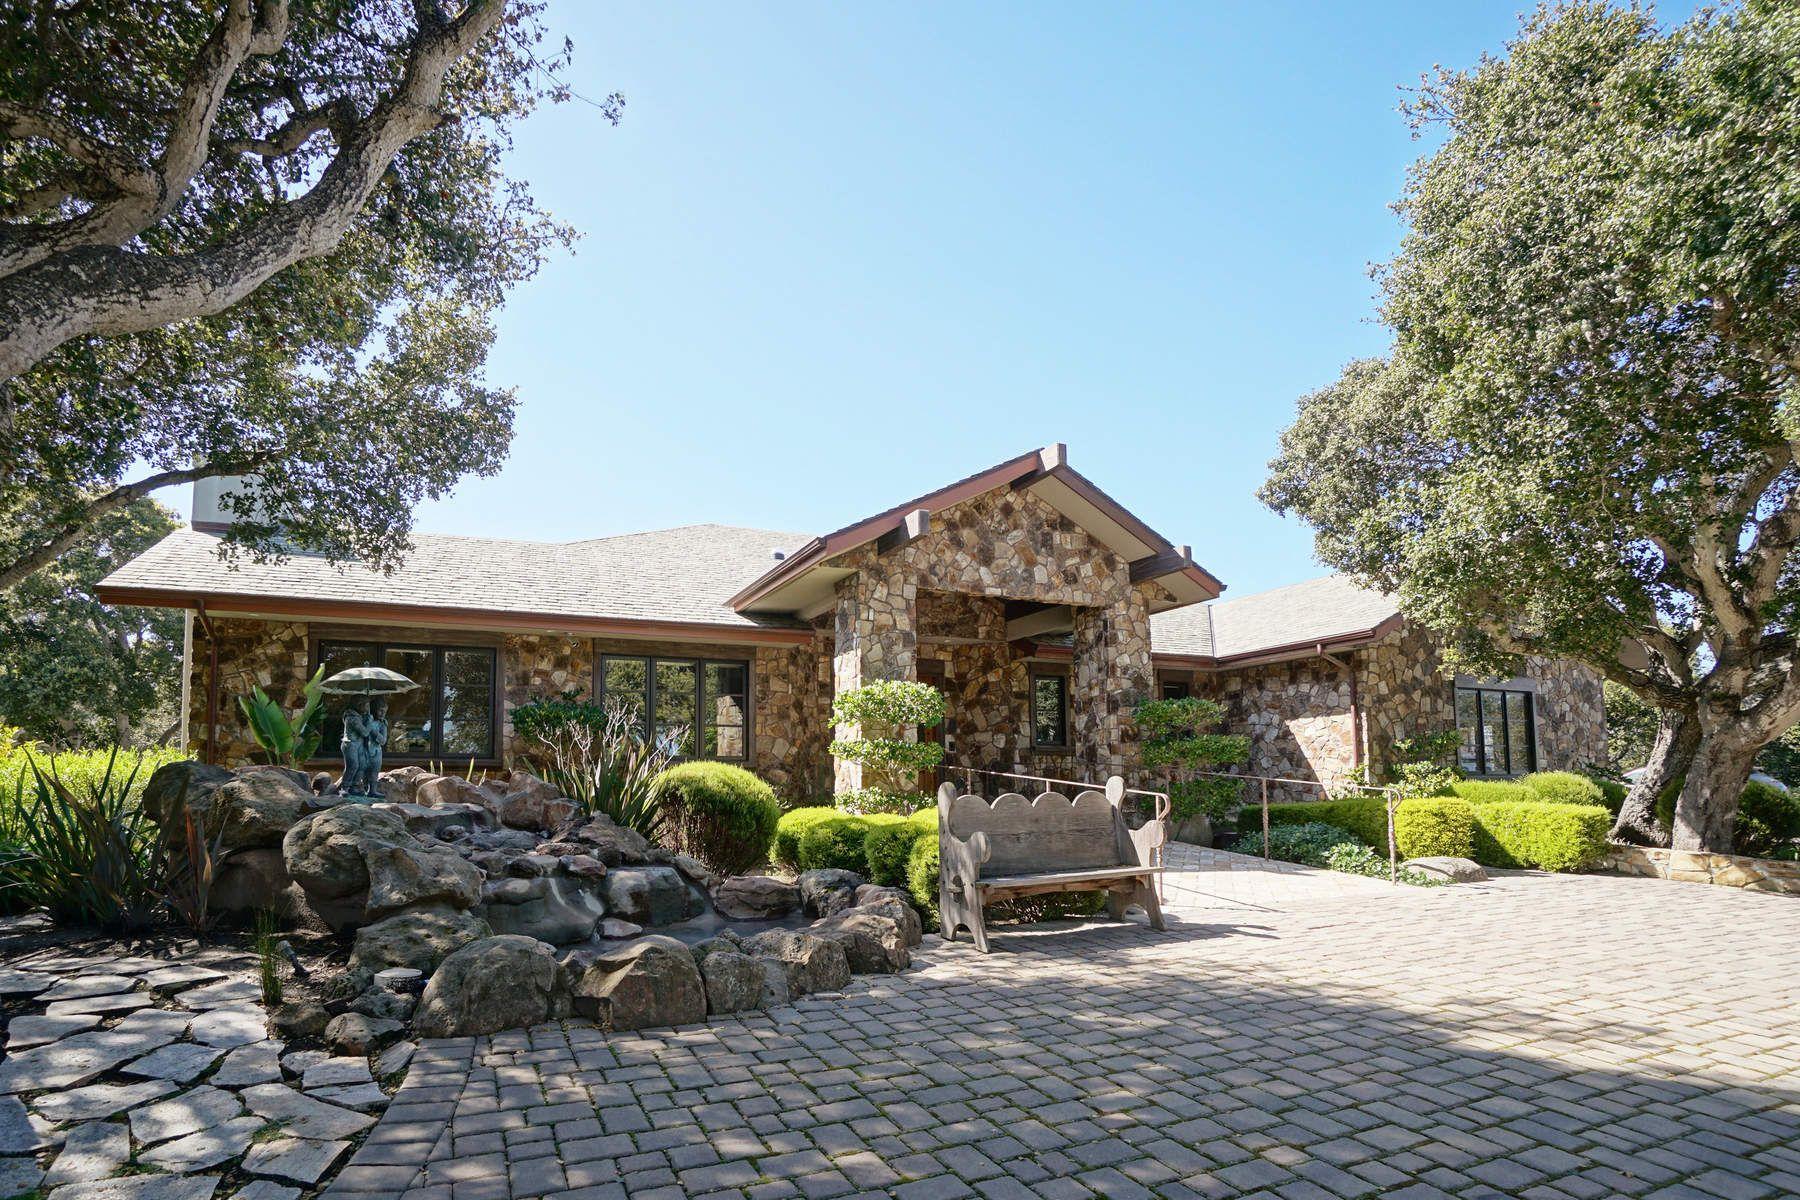 一戸建て のために 売買 アット Quail Meadows Estate Compound in Carmel! 5452 Quail Meadows Drive, Carmel, カリフォルニア, 93923 アメリカ合衆国